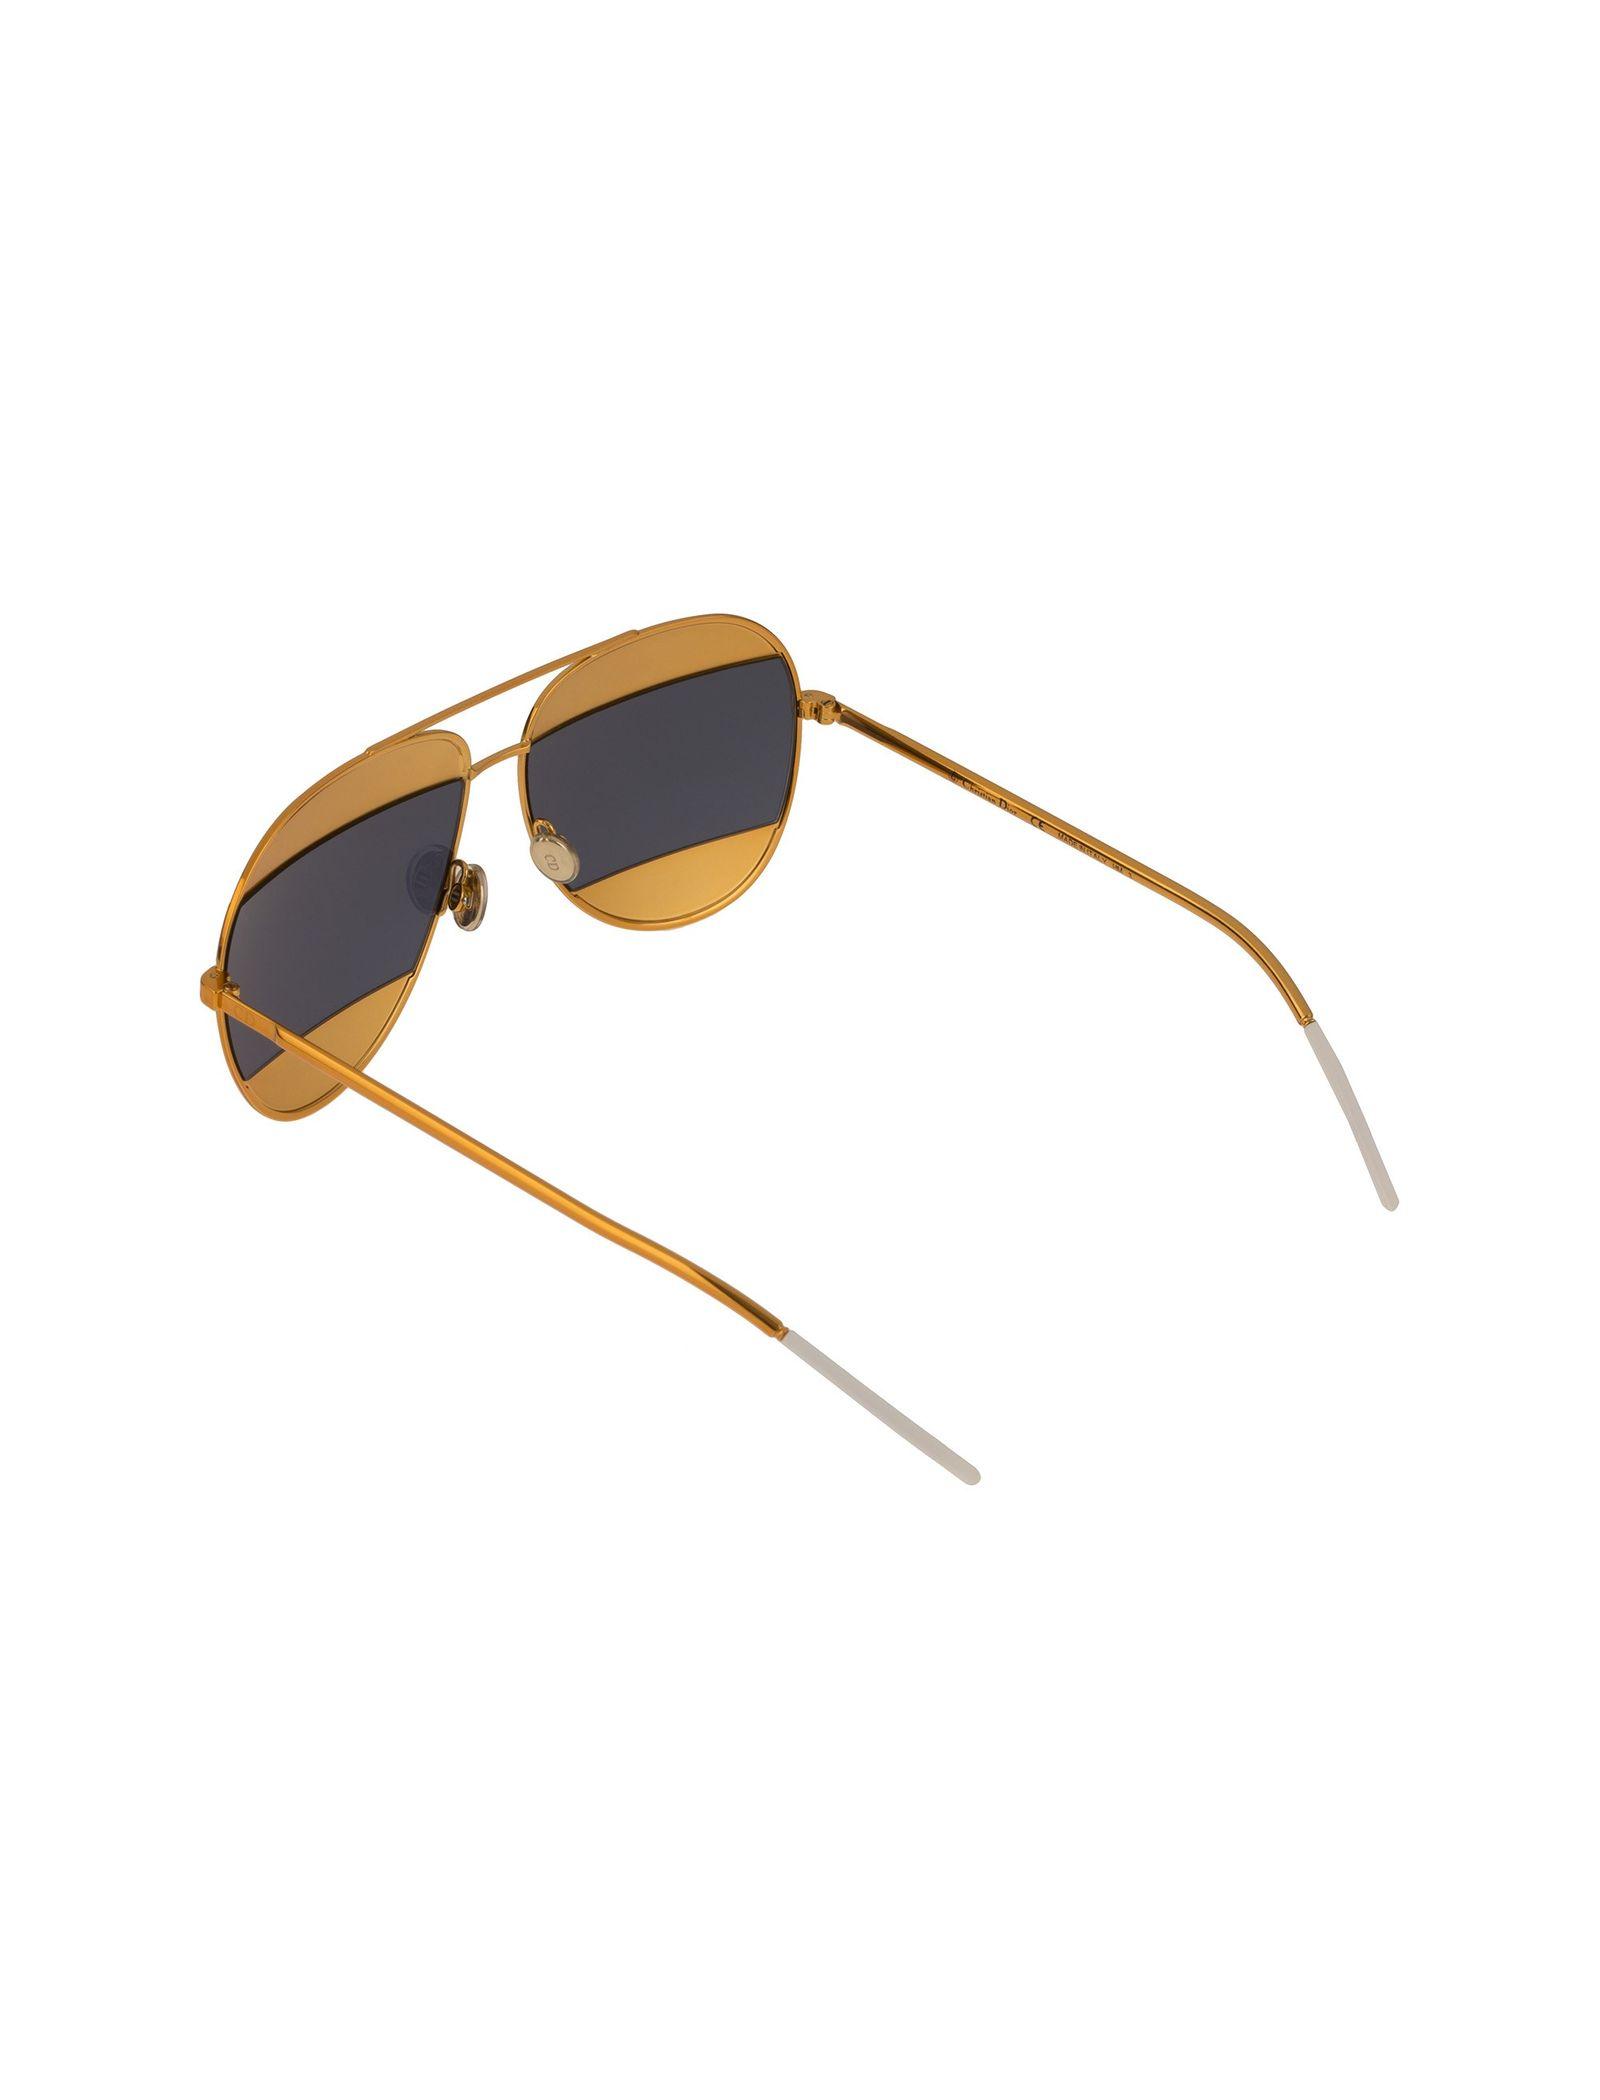 عینک آفتابی خلبانی زنانه - دیور - طلايي  - 4